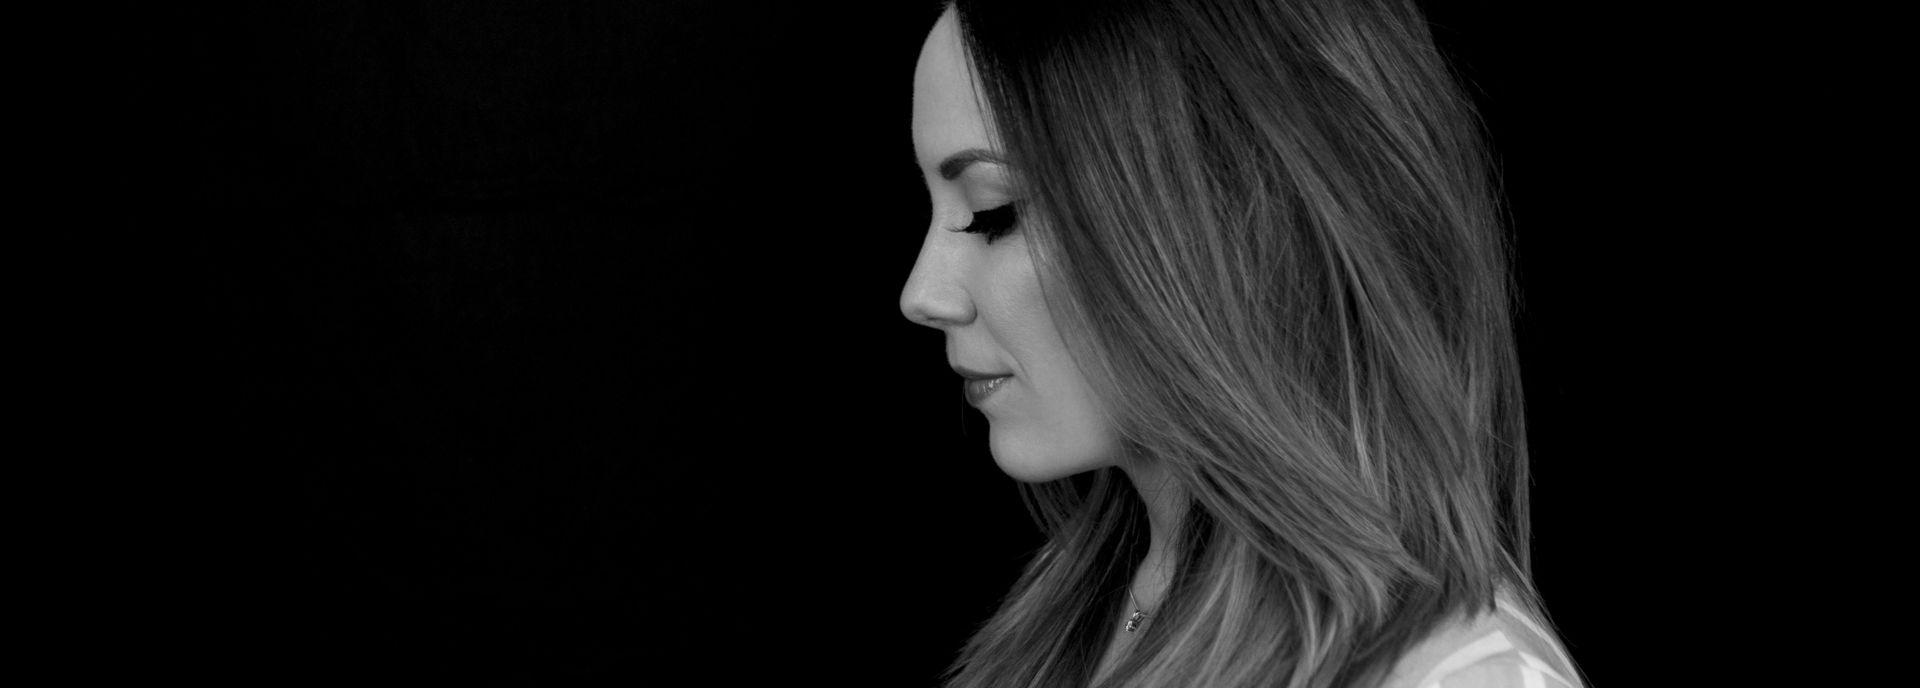 Samen met haar band brengt Lisa Lois een bijzondere ode aan de Britse zangeres Adele. Ze duikt in de mooie verhalen en anekdotes van Adele's carrière en persoonlijke leven. Daarnaast geeft ook een kijkje in haar eigen leven. Een voorstelling met een flinke dosis humor én een prachtige muzikale omlijsting.